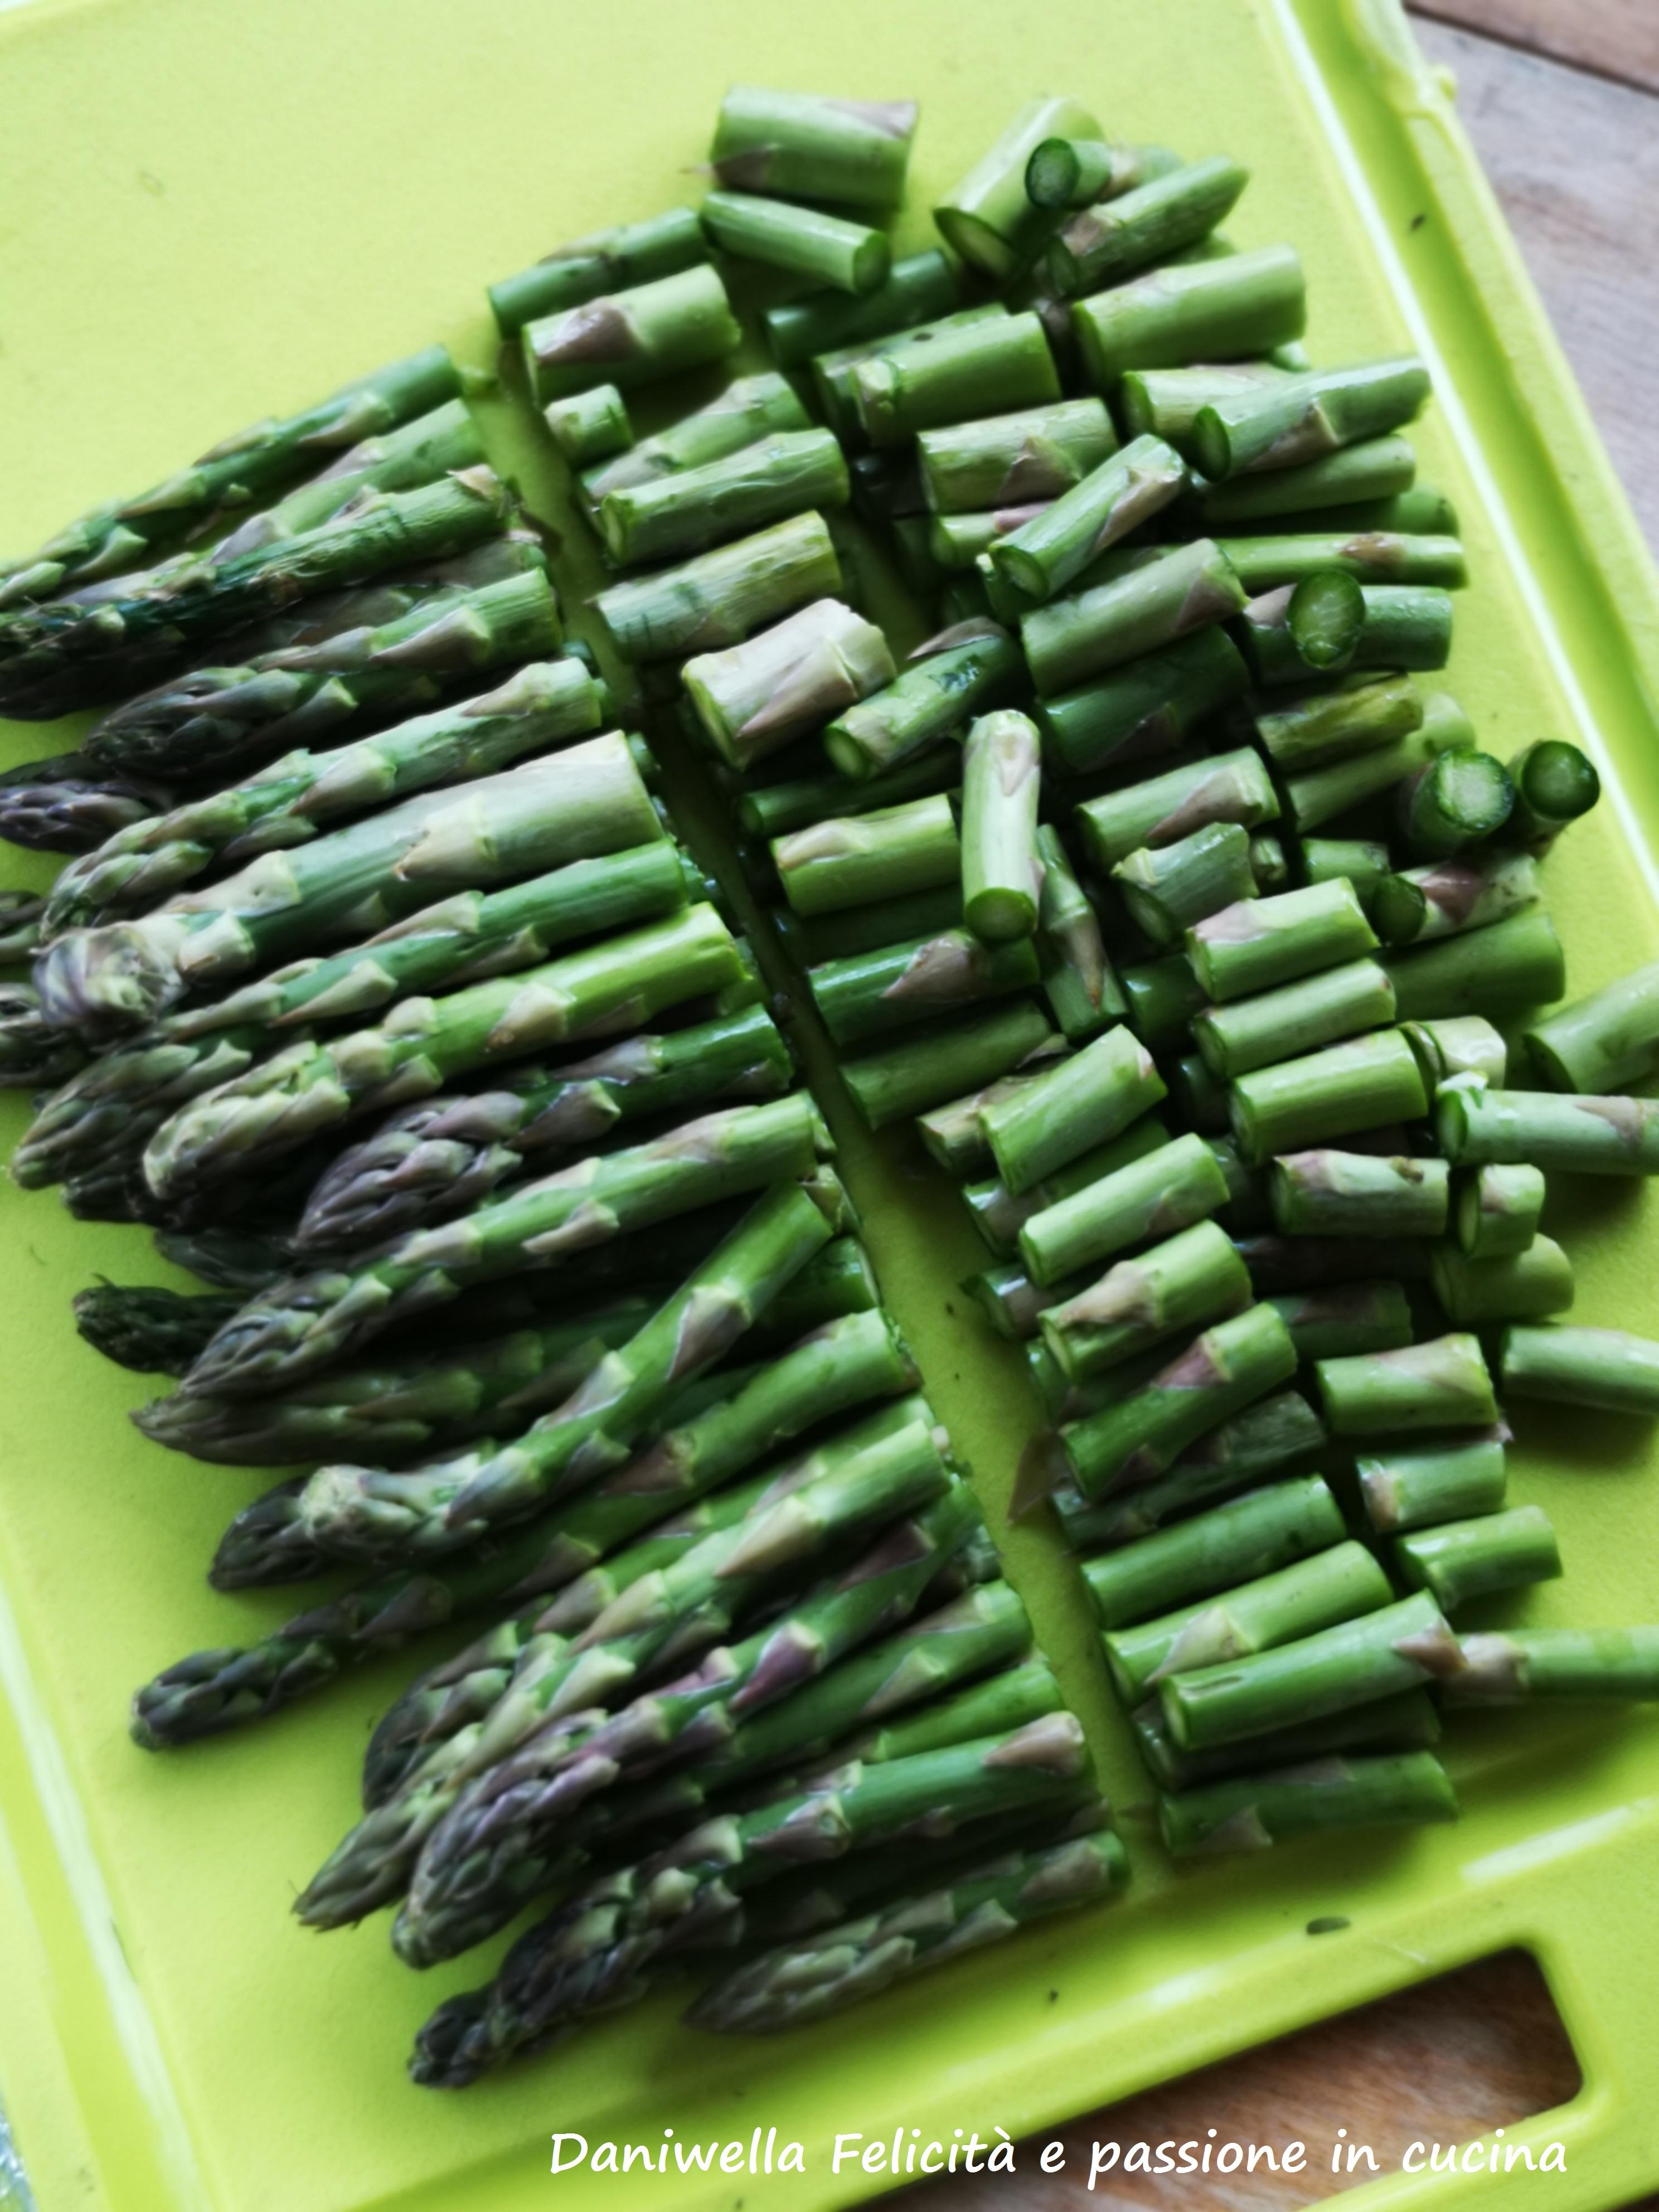 Lavate gli asparagi sotto l'acqua corrente. Poggiateli su un tagliere. Tagliate i gambi in 3/4 parti e lasciate intere le punte che metterete da parte.